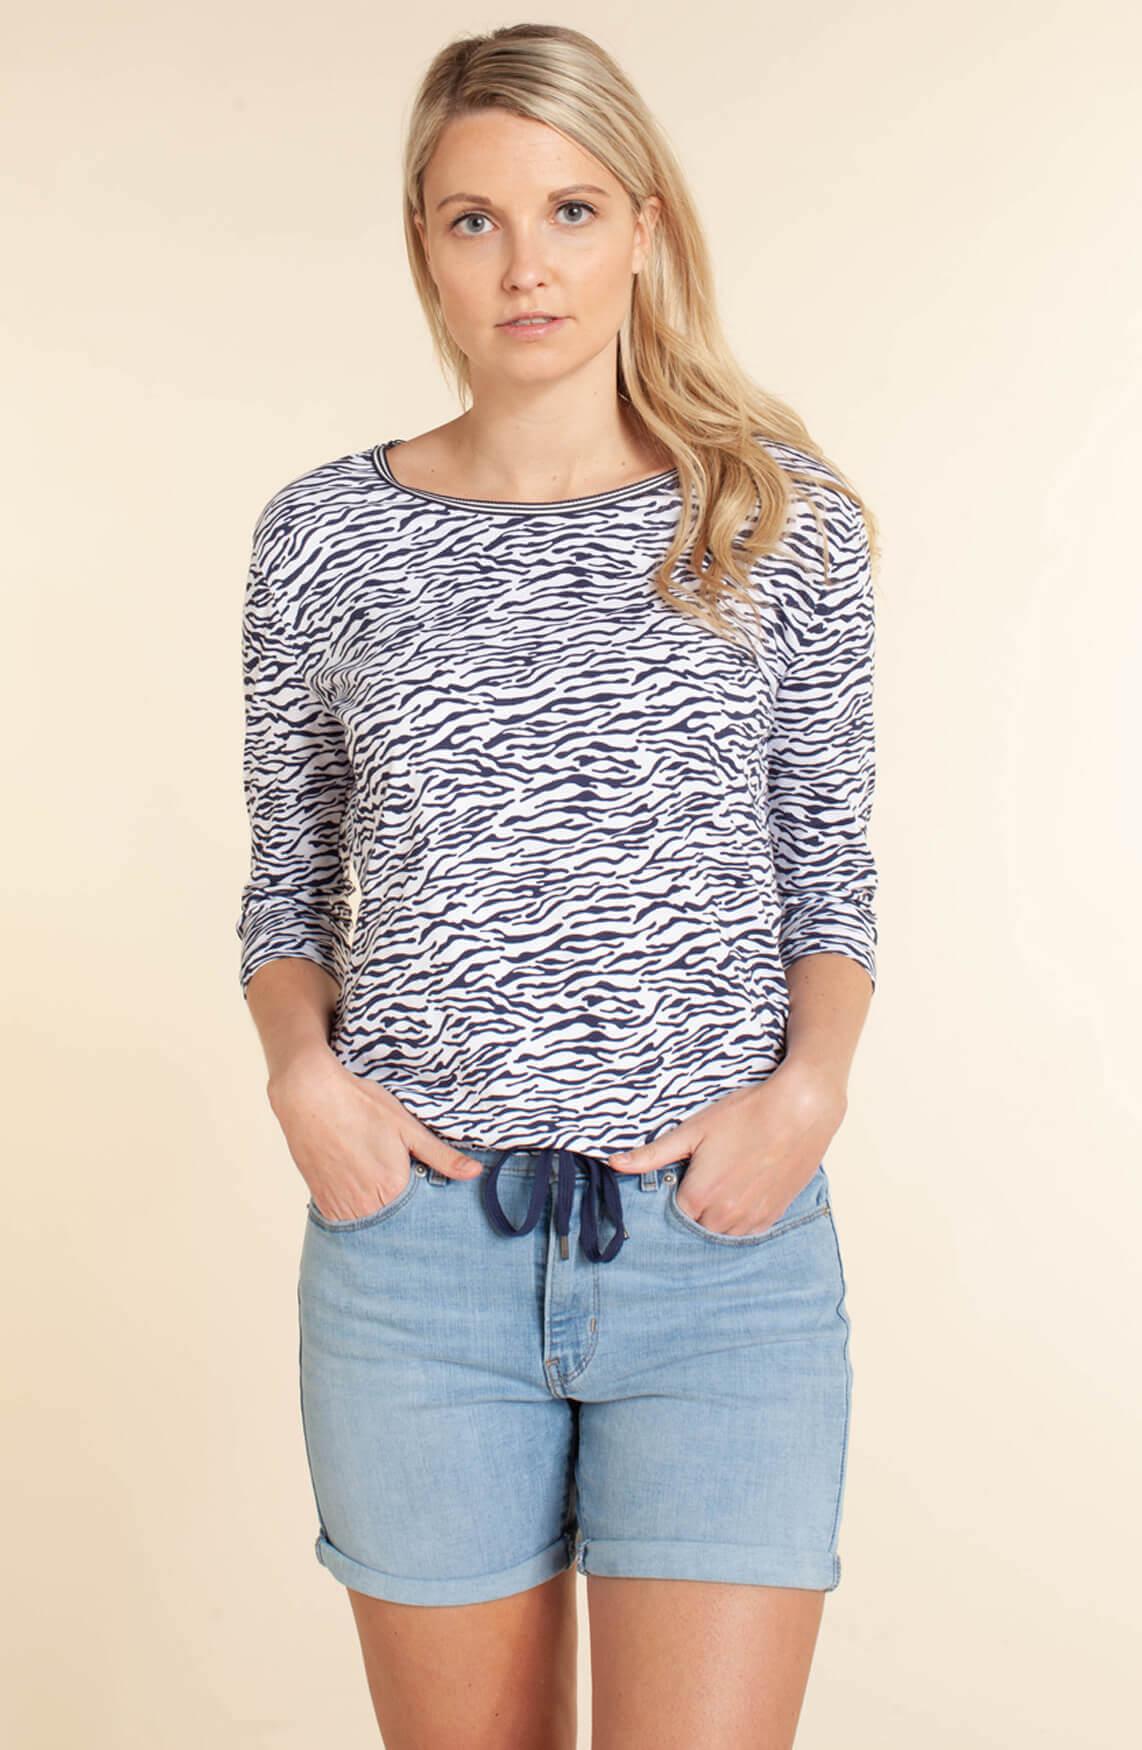 Anna Blue Dames Shirt met zebraprint Blauw